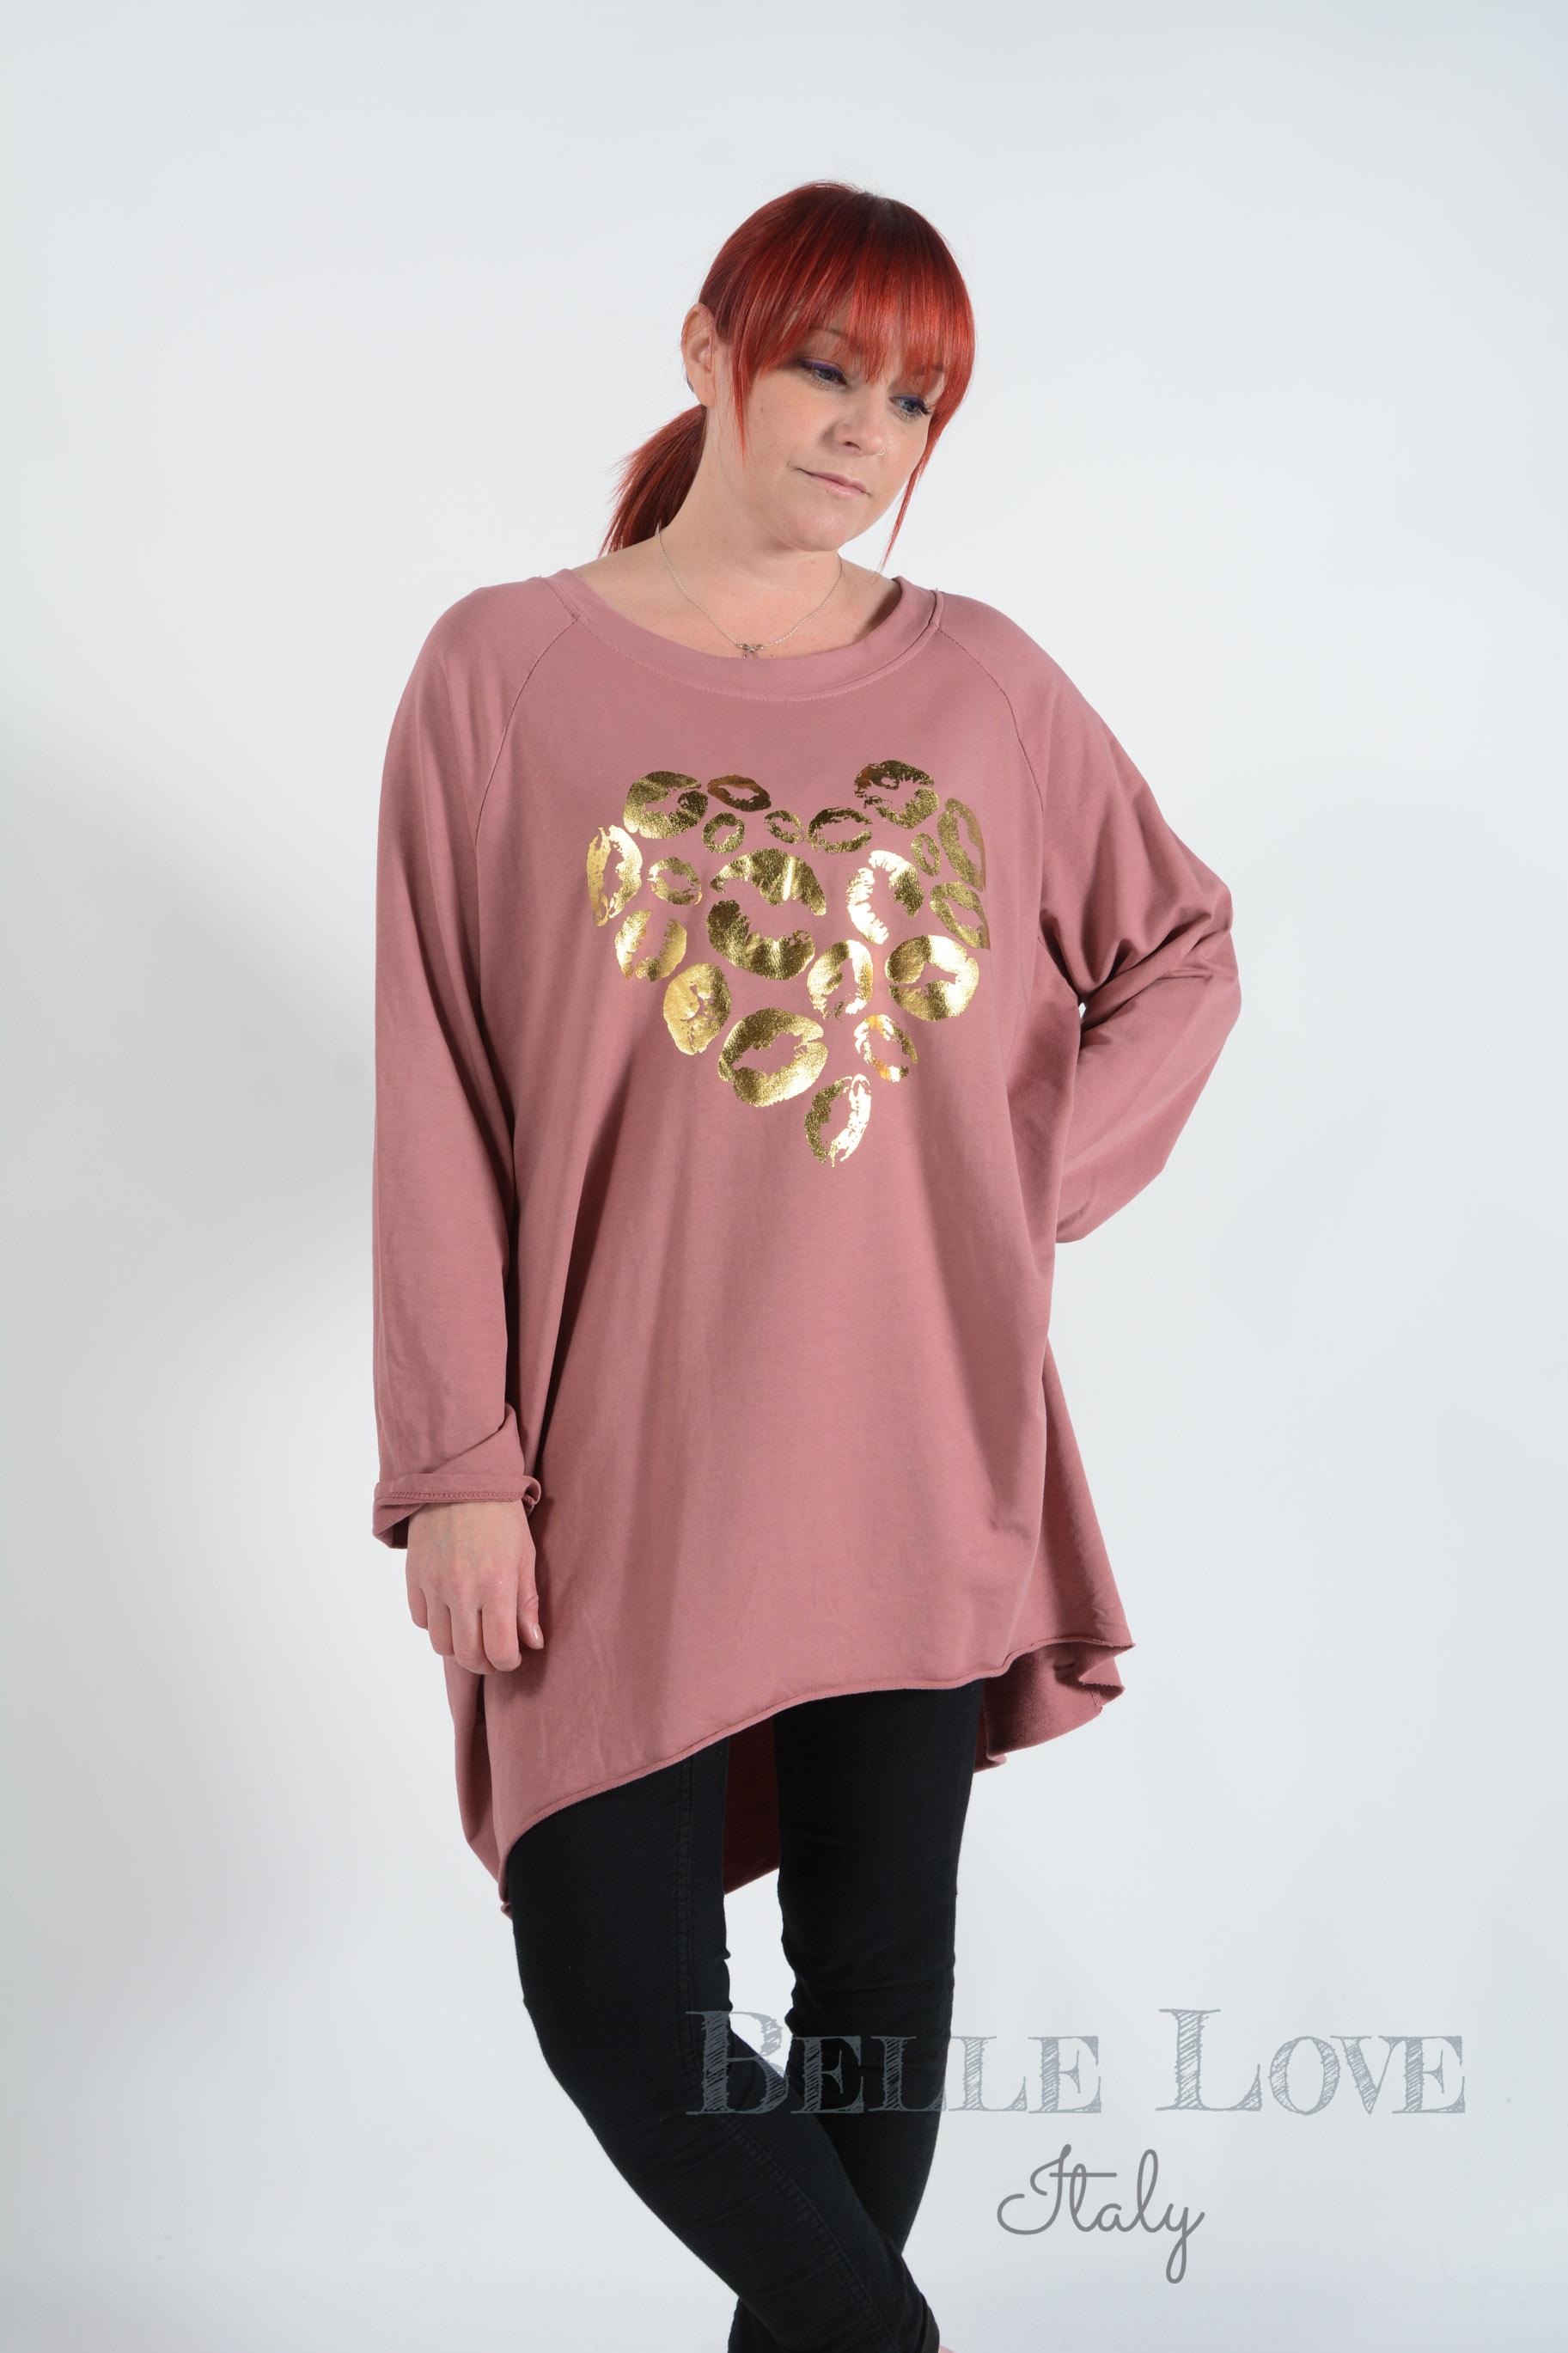 Belle Love Italy Kitty Kiss Love Heart Women's Sweatshirt